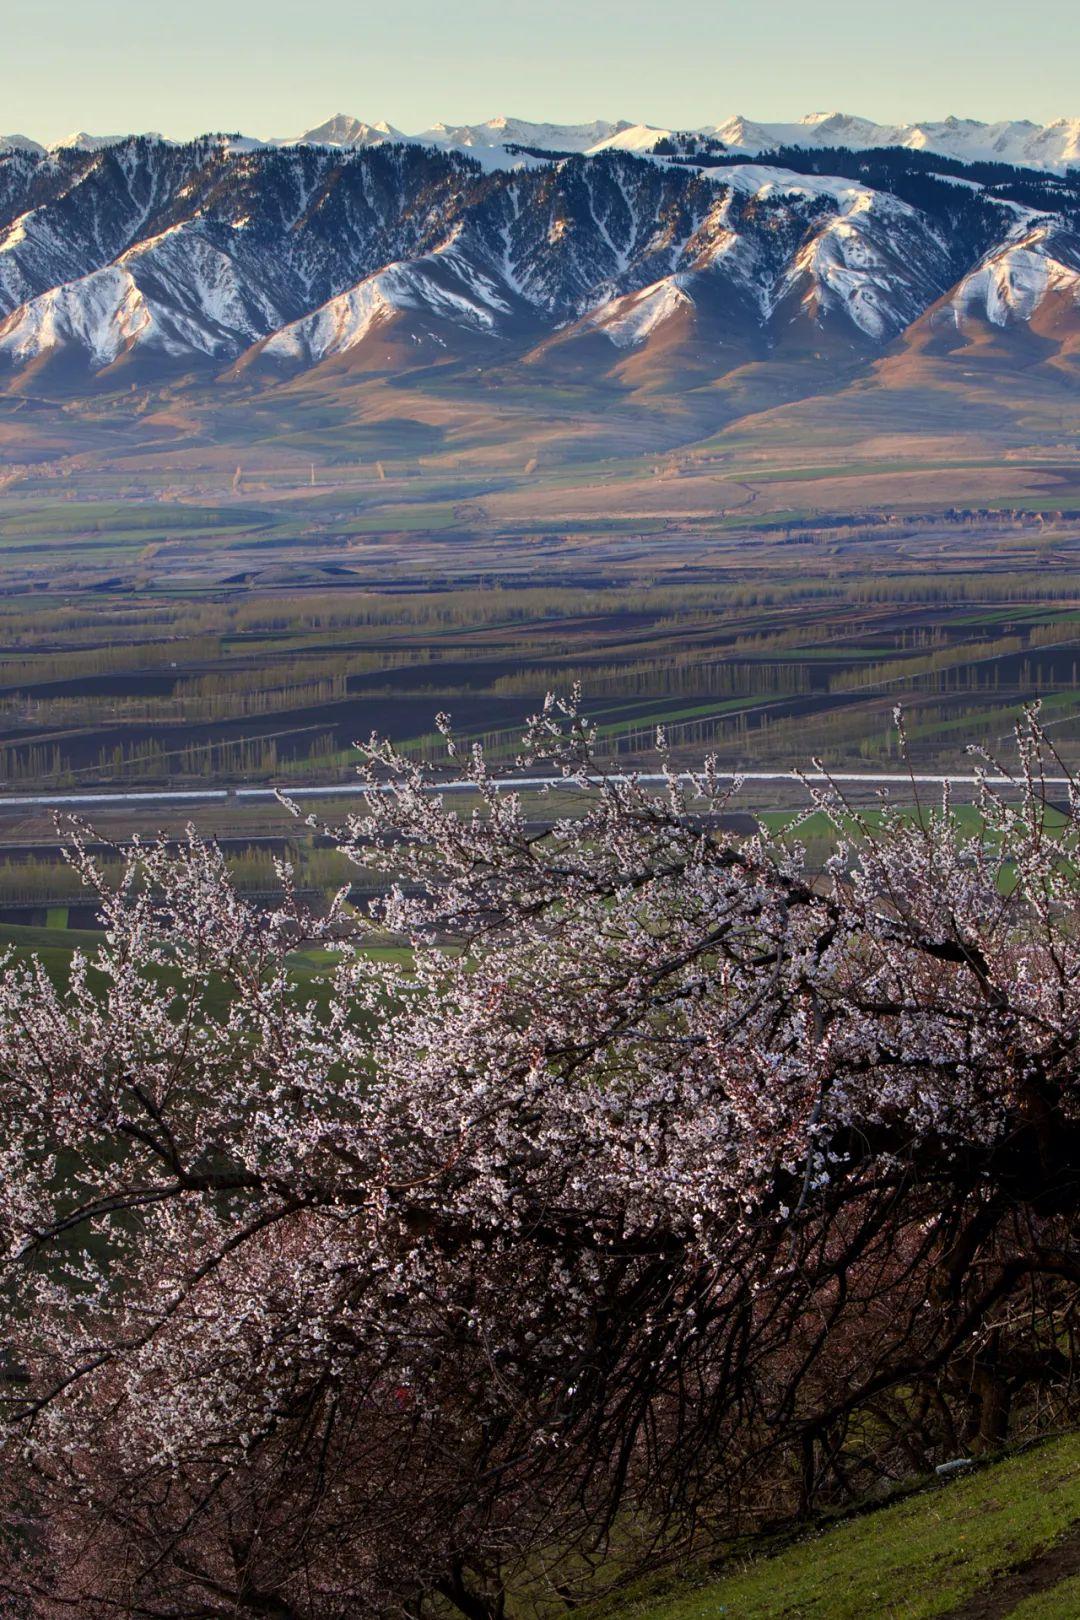 ▲ 天山下的桃林。 图/视觉中国